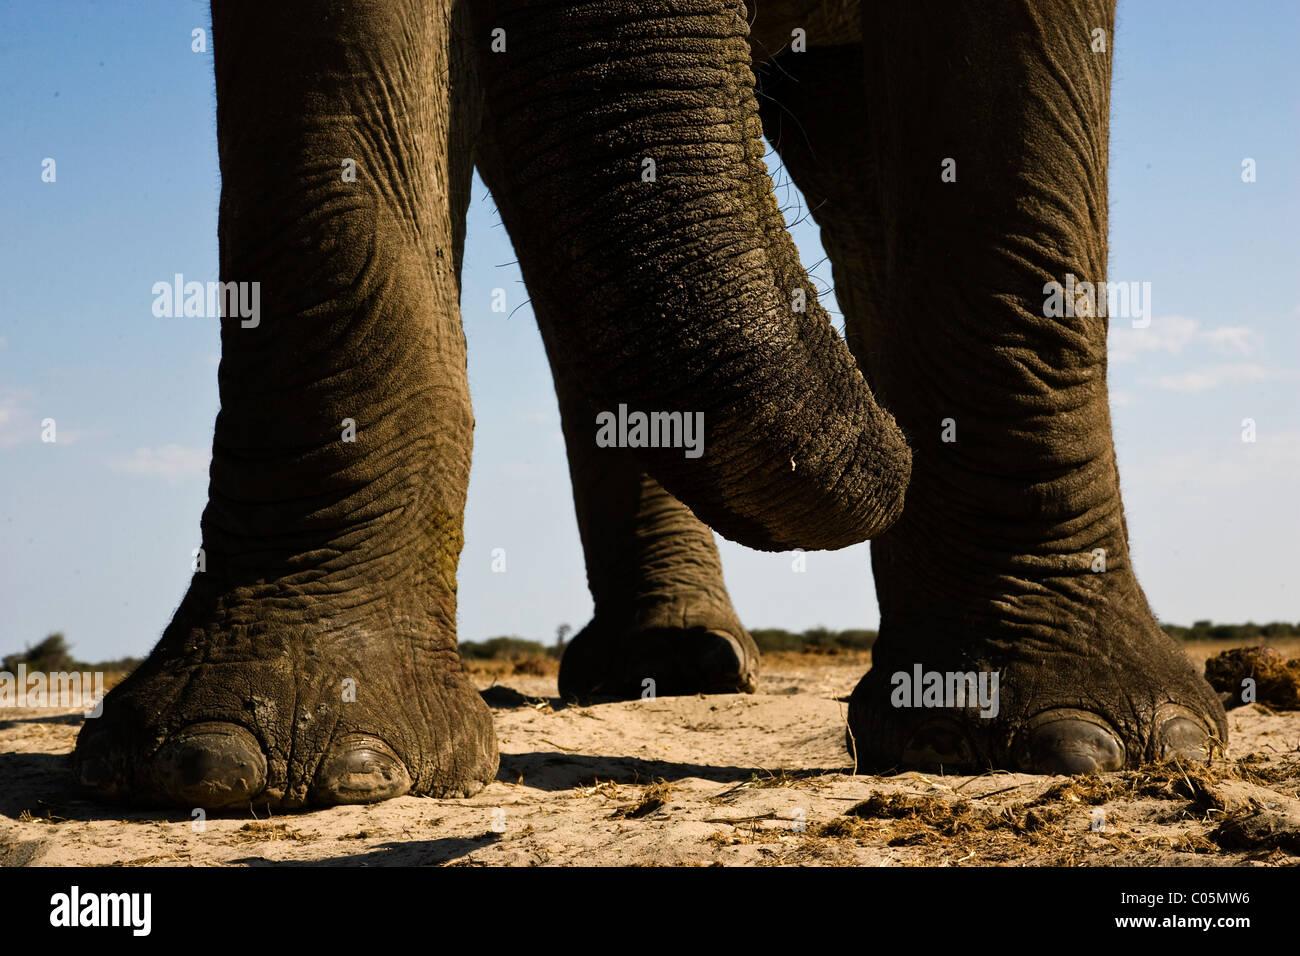 Elephant's trunk & feet, Etosha National Park, Namibia - Stock Image